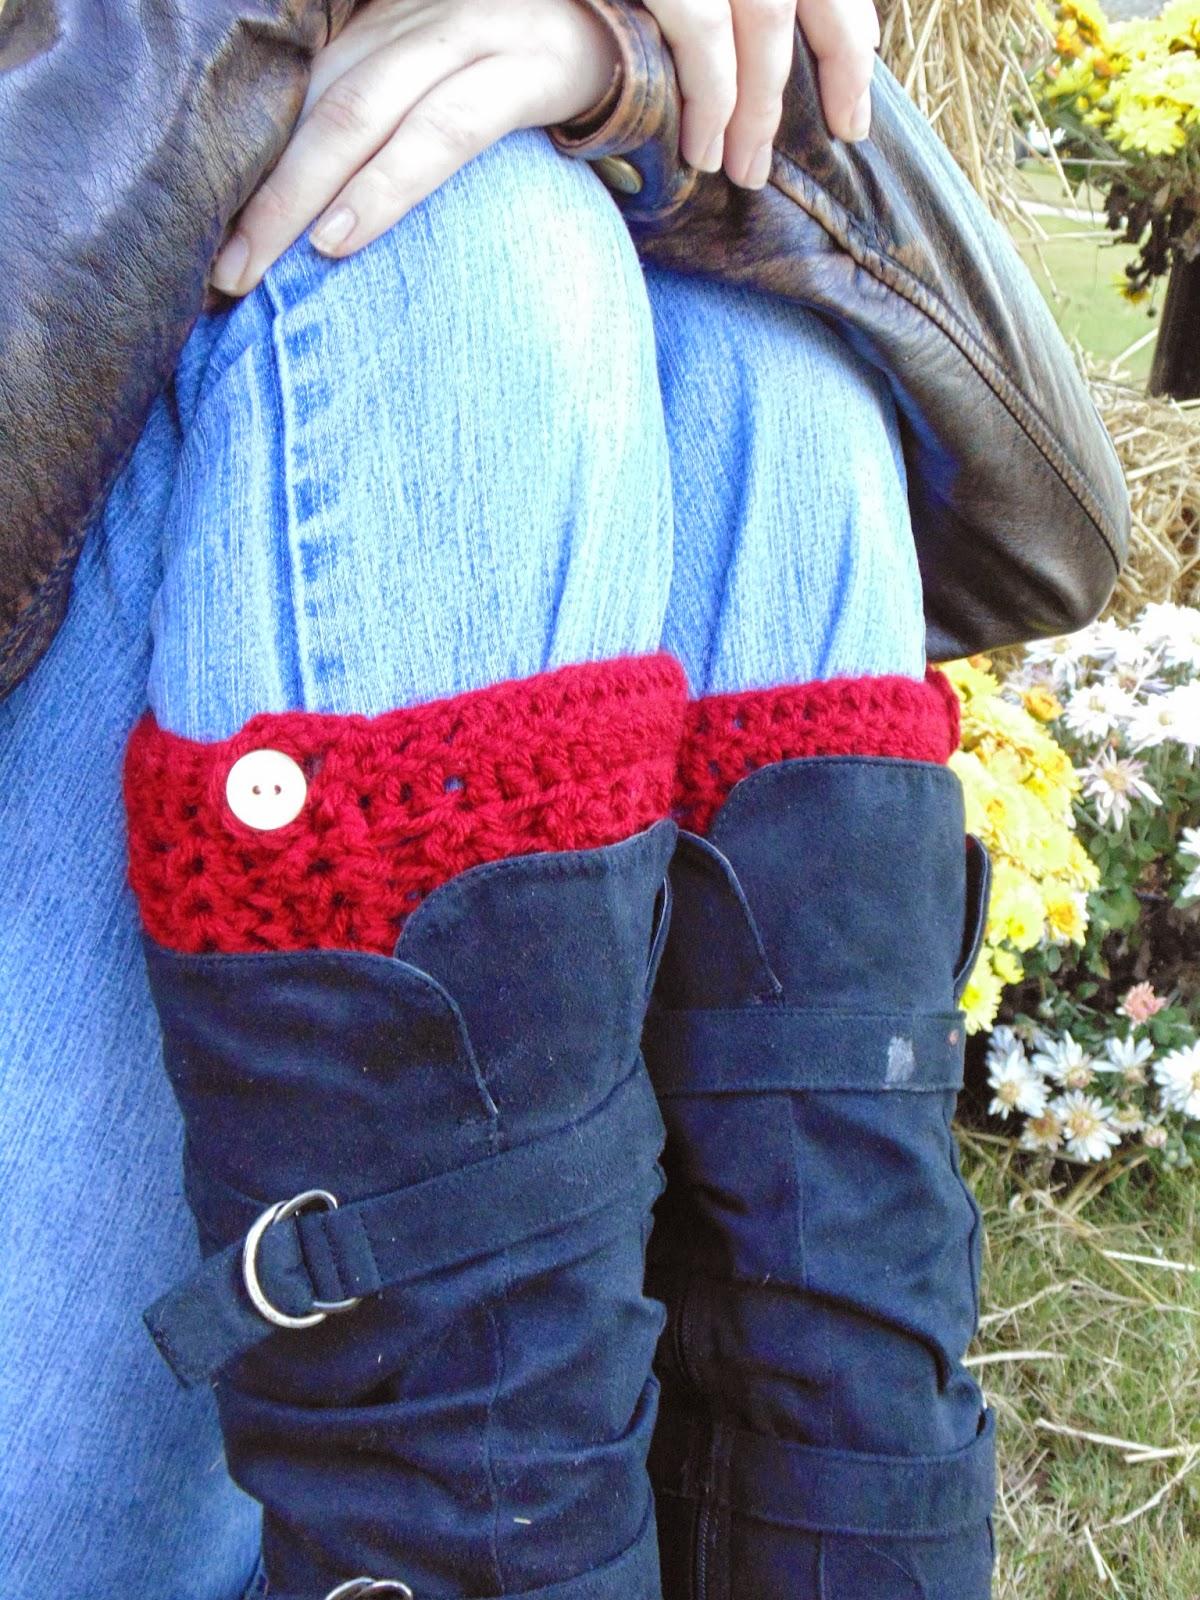 RAKJpatterns, free boot cuff crochet pattern, crochet pattern